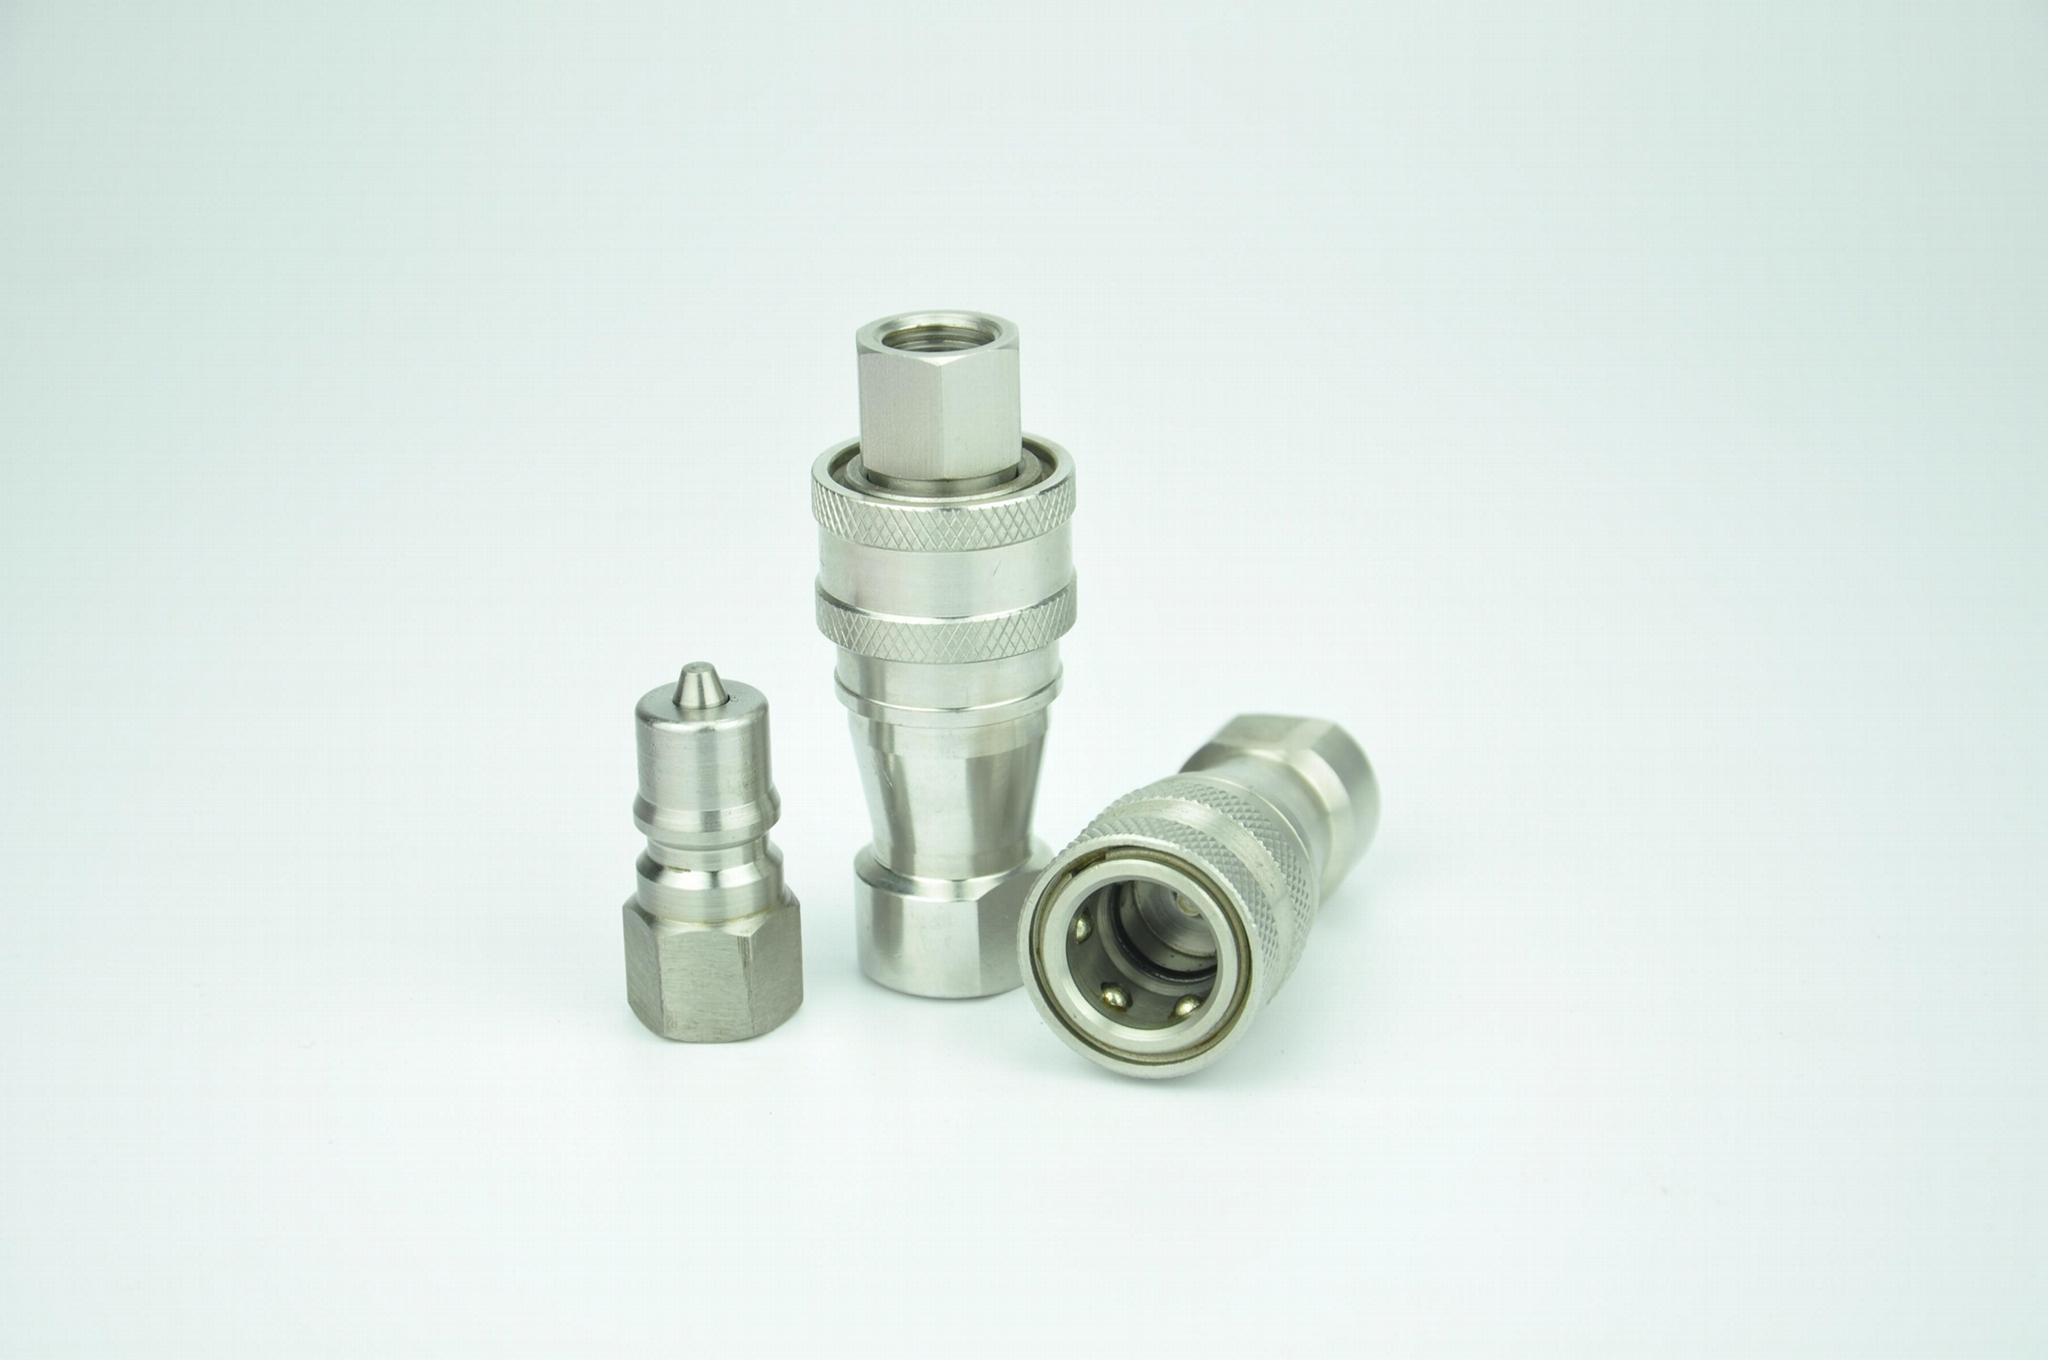 KZF不鏽鋼開閉式高壓油管耐高溫腐蝕快速接頭 5